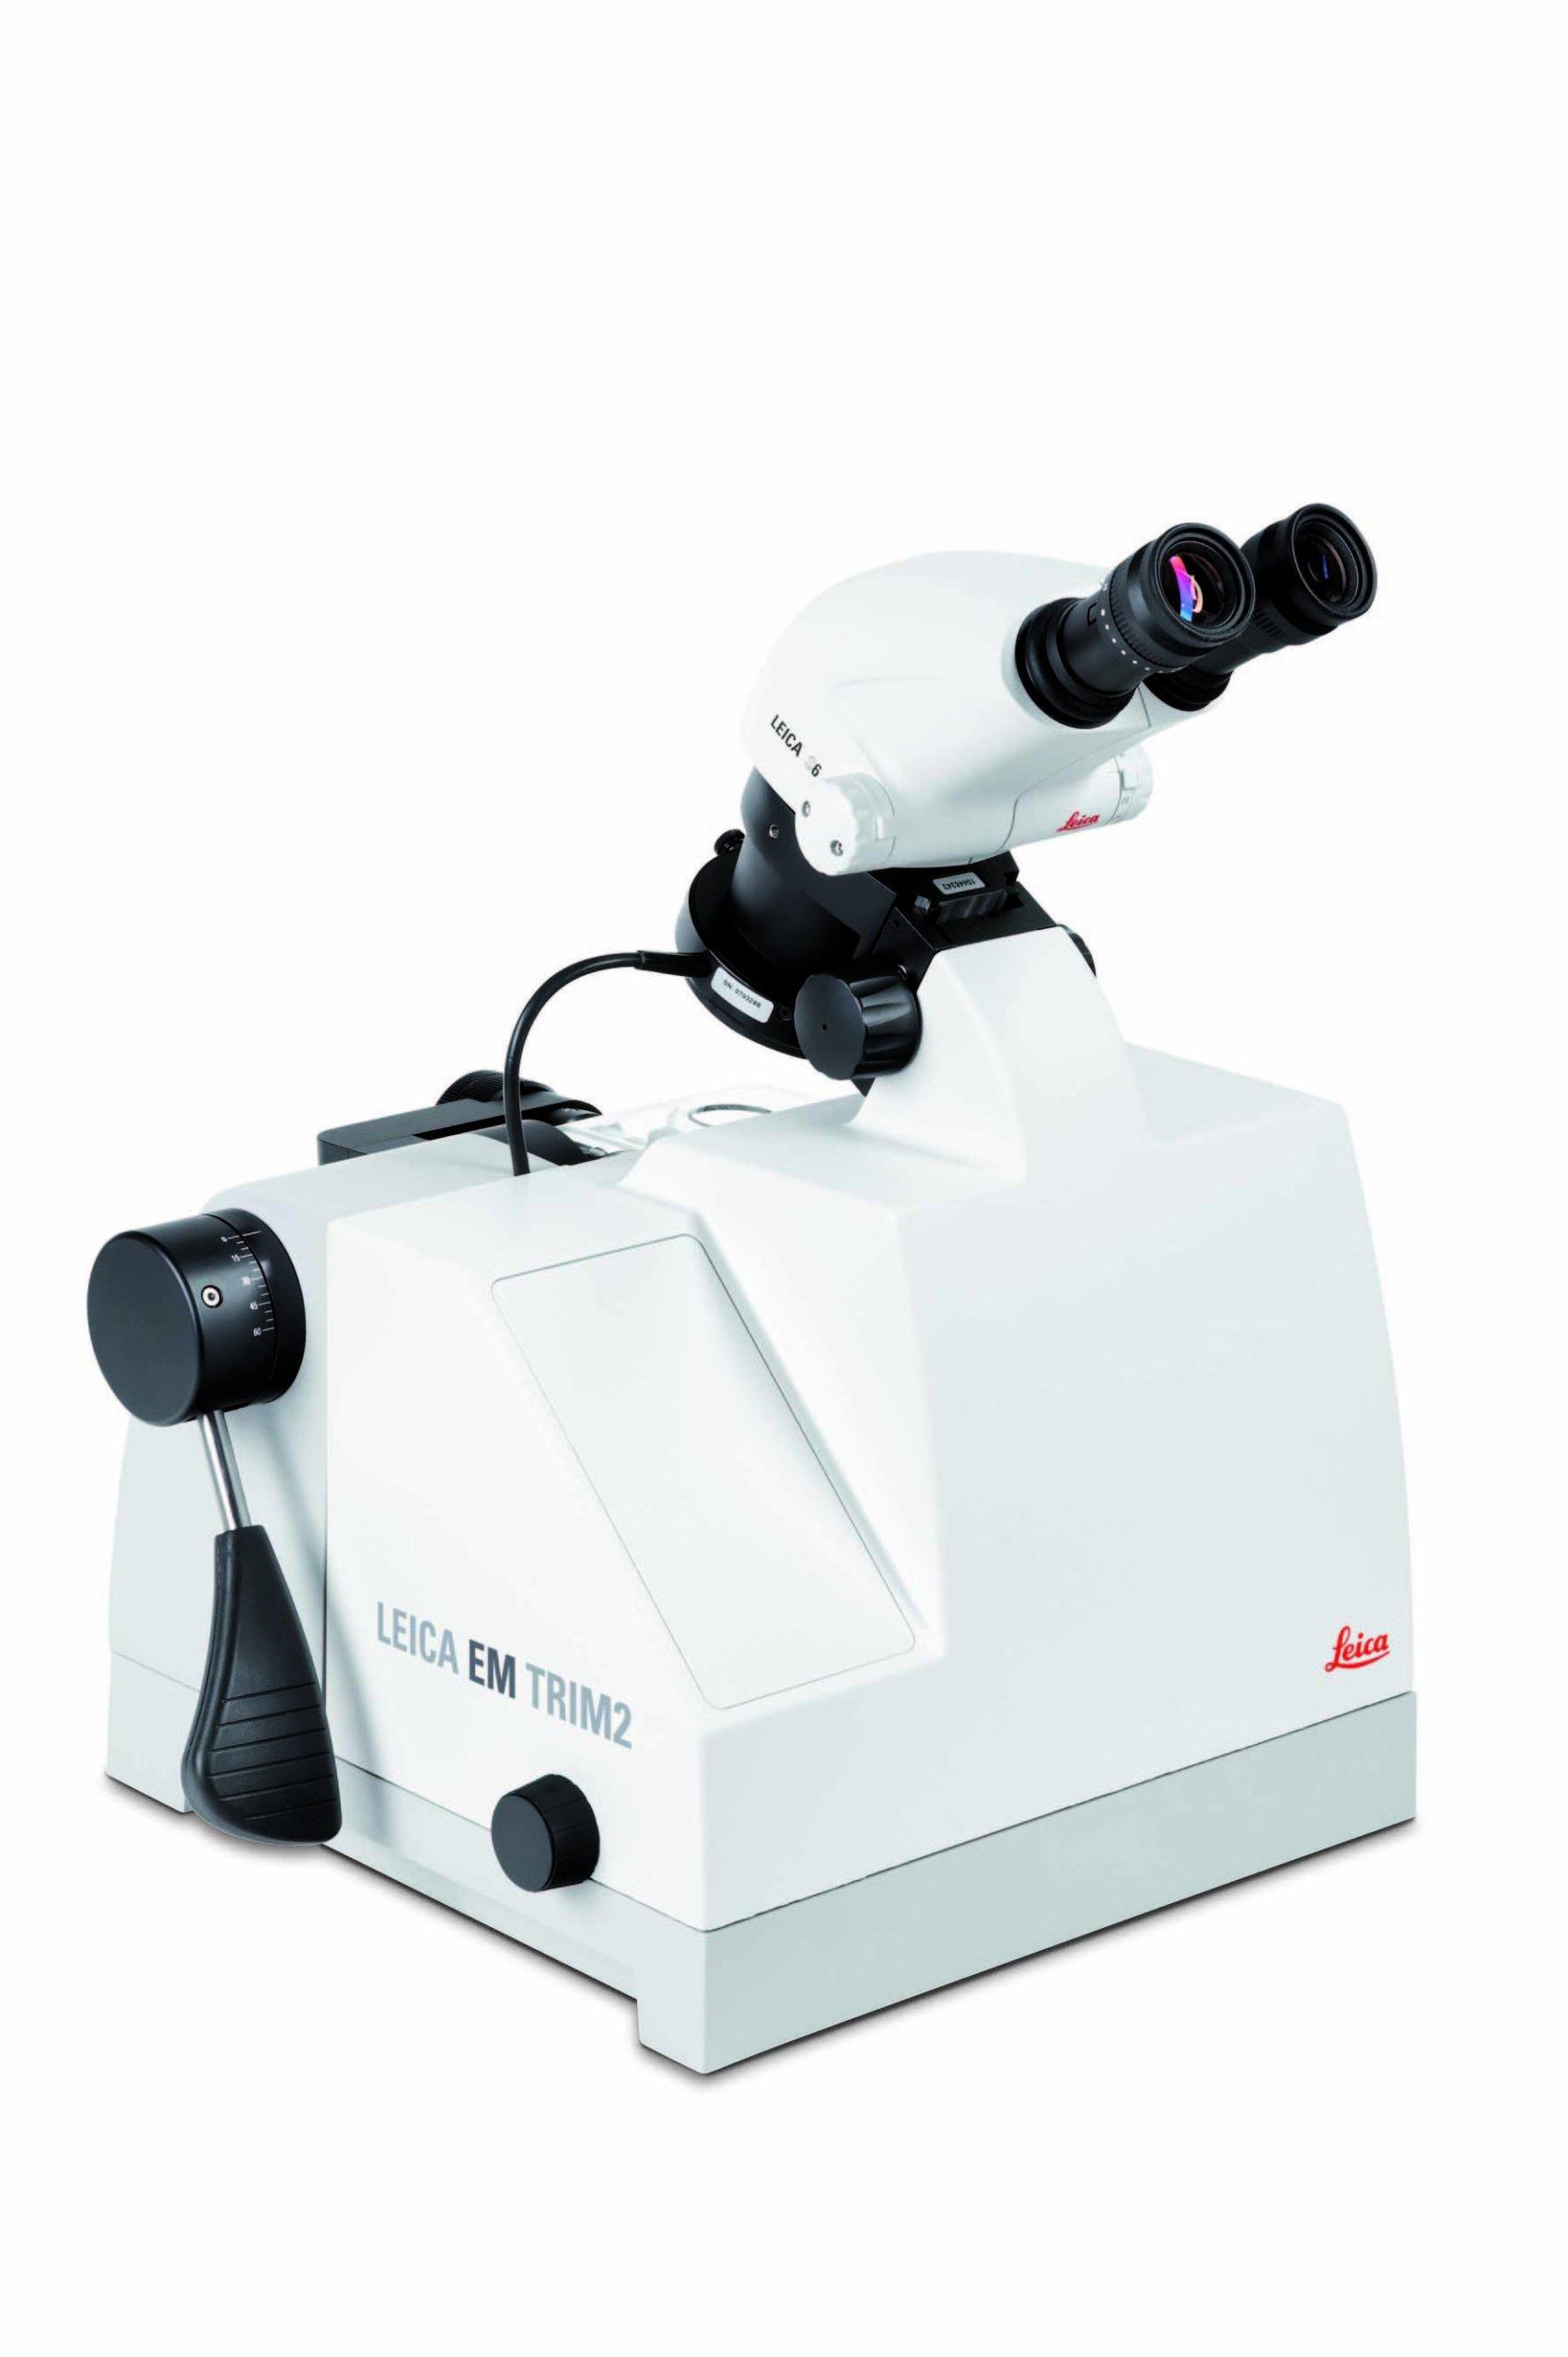 Прибор для тримминга образцов для TEM, SEM и LM — Leica EM TRIM2